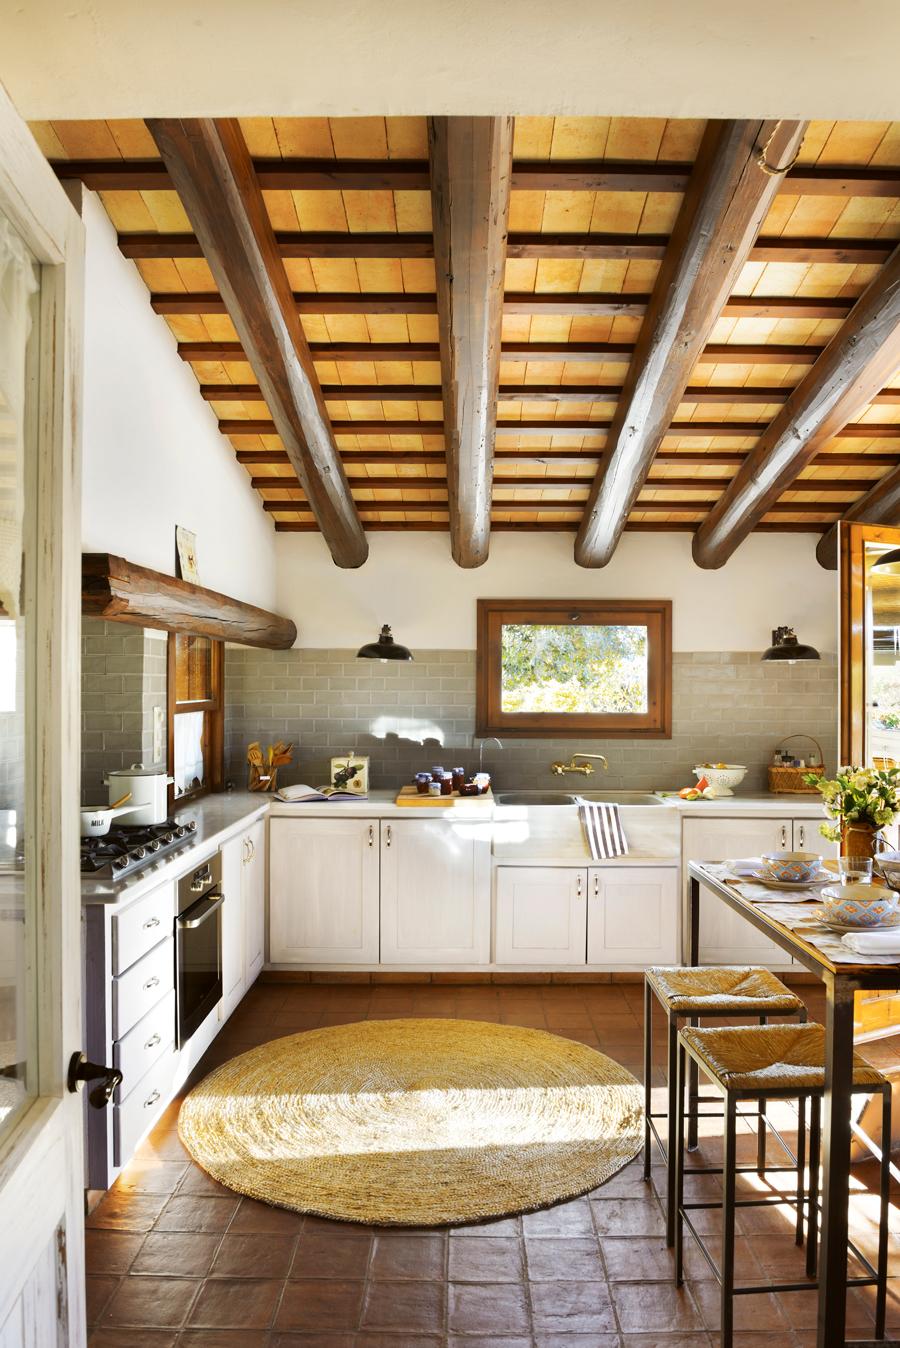 Las 10 cosas que debe tener una cocina r stica - Ver cocinas rusticas de obra ...